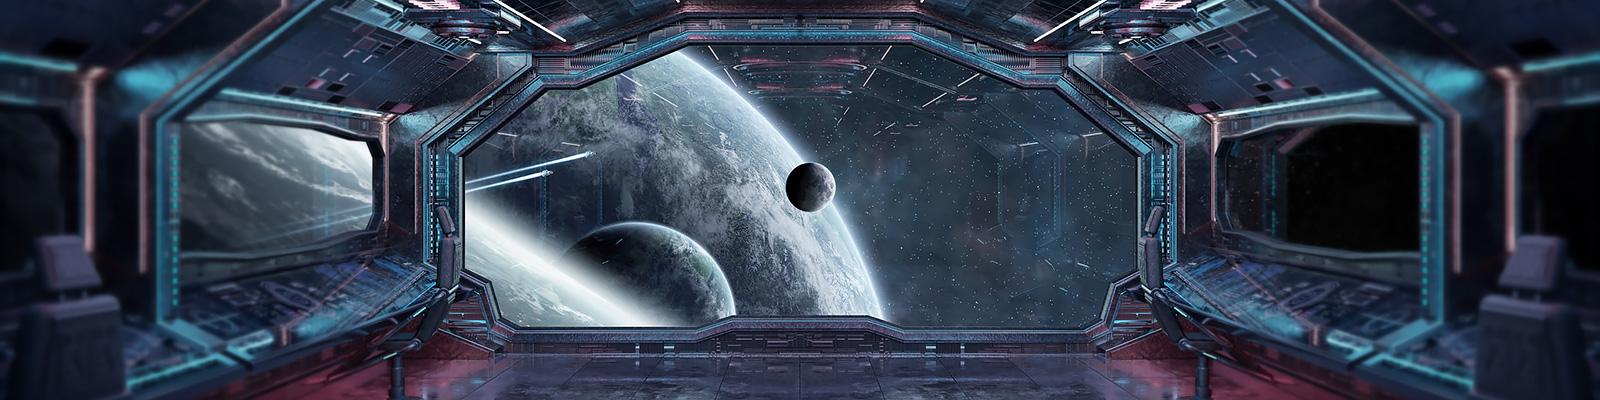 SF 星 戦略 イメージ